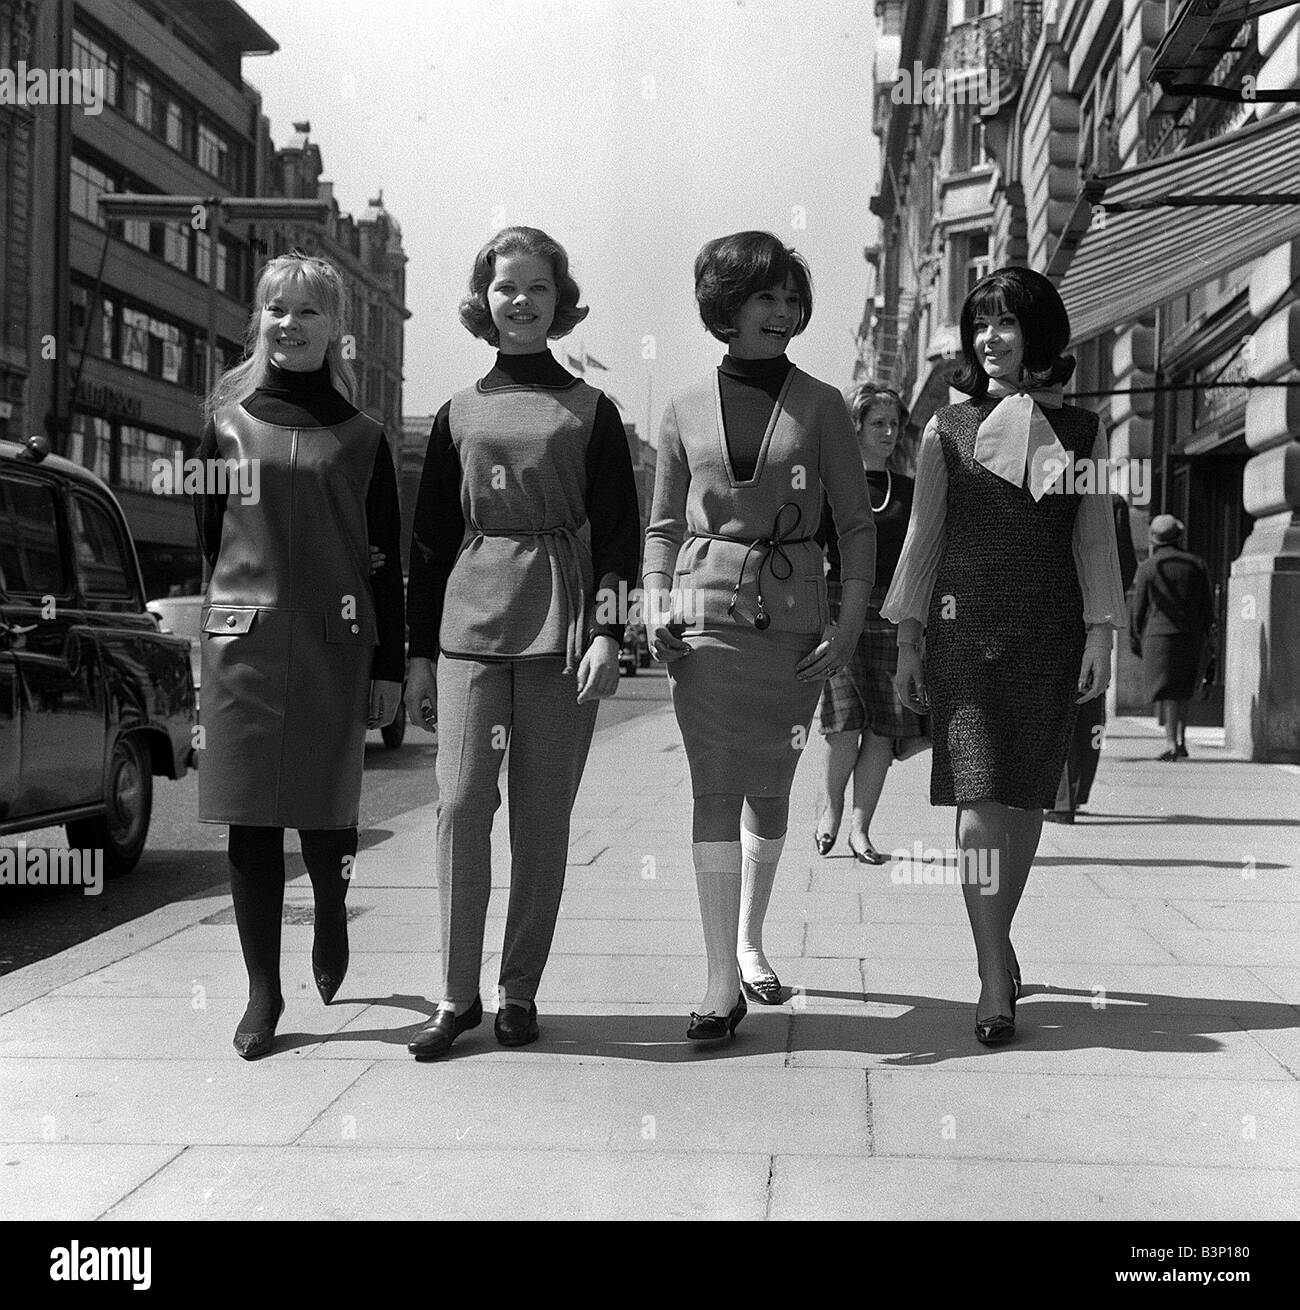 la mode chez les adolescentes dans les ann es 60 quatre jeunes femmes pied la rue downt deux. Black Bedroom Furniture Sets. Home Design Ideas